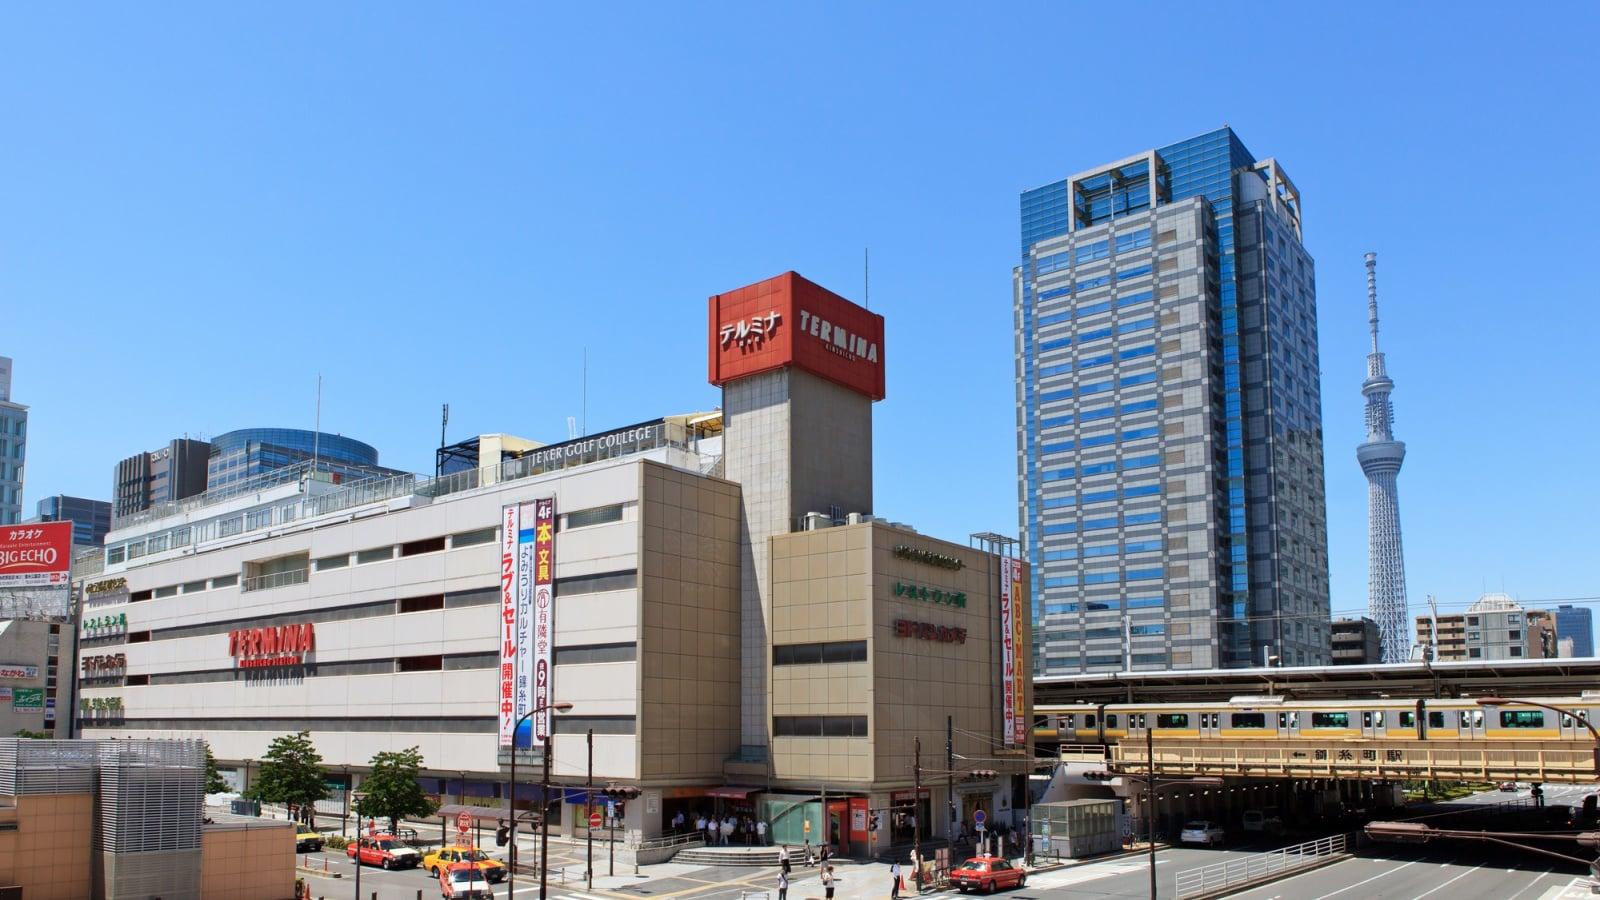 色々楽しめちゃう!錦糸町を代表する人気の観光スポット11選